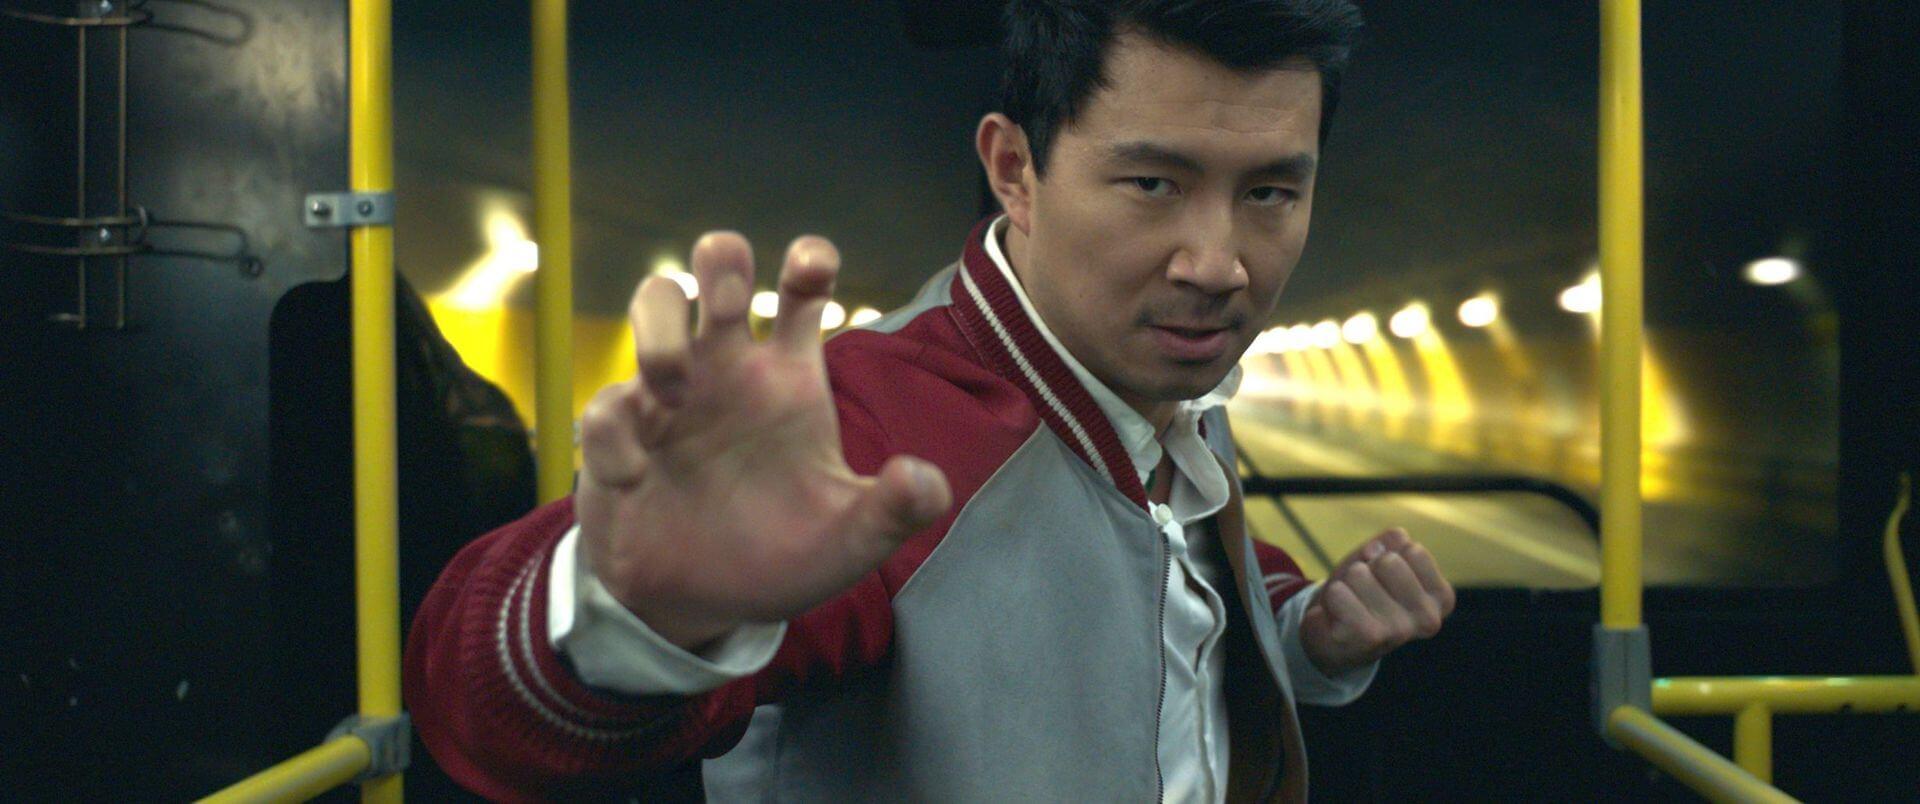 マーベル・スタジオ最強の新ヒーローが描かれる!『シャン・チー/テン・リングスの伝説』US版ポスターを限定3名様にプレゼント film210830_shang_chi_present_4